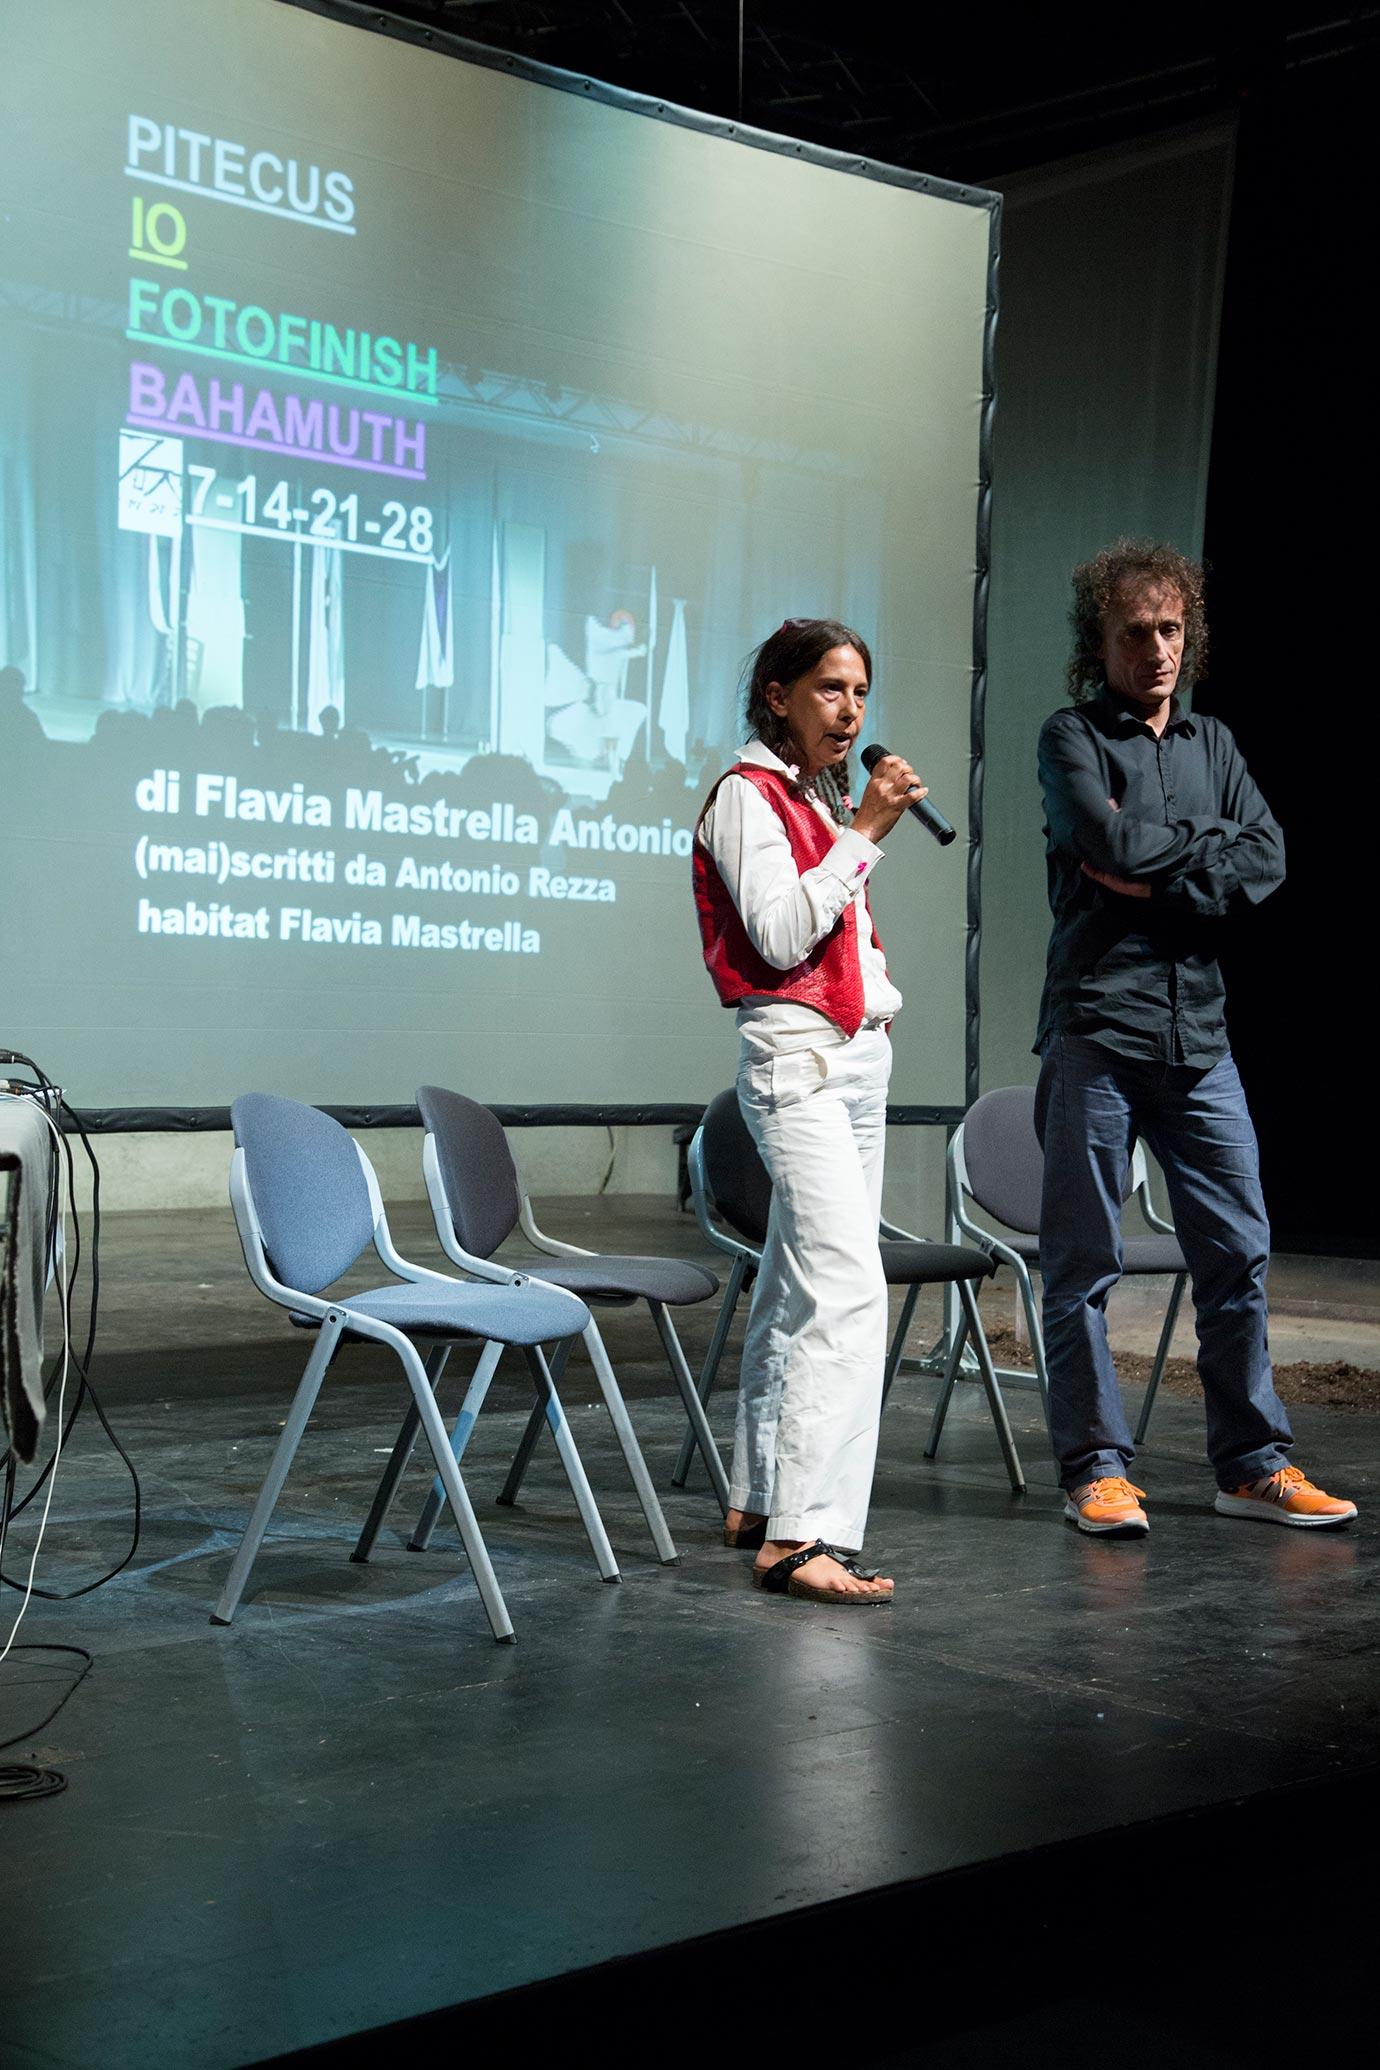 Flavia Mastrella and Antonio Rezza (Photo: Elena Sconfinetti)